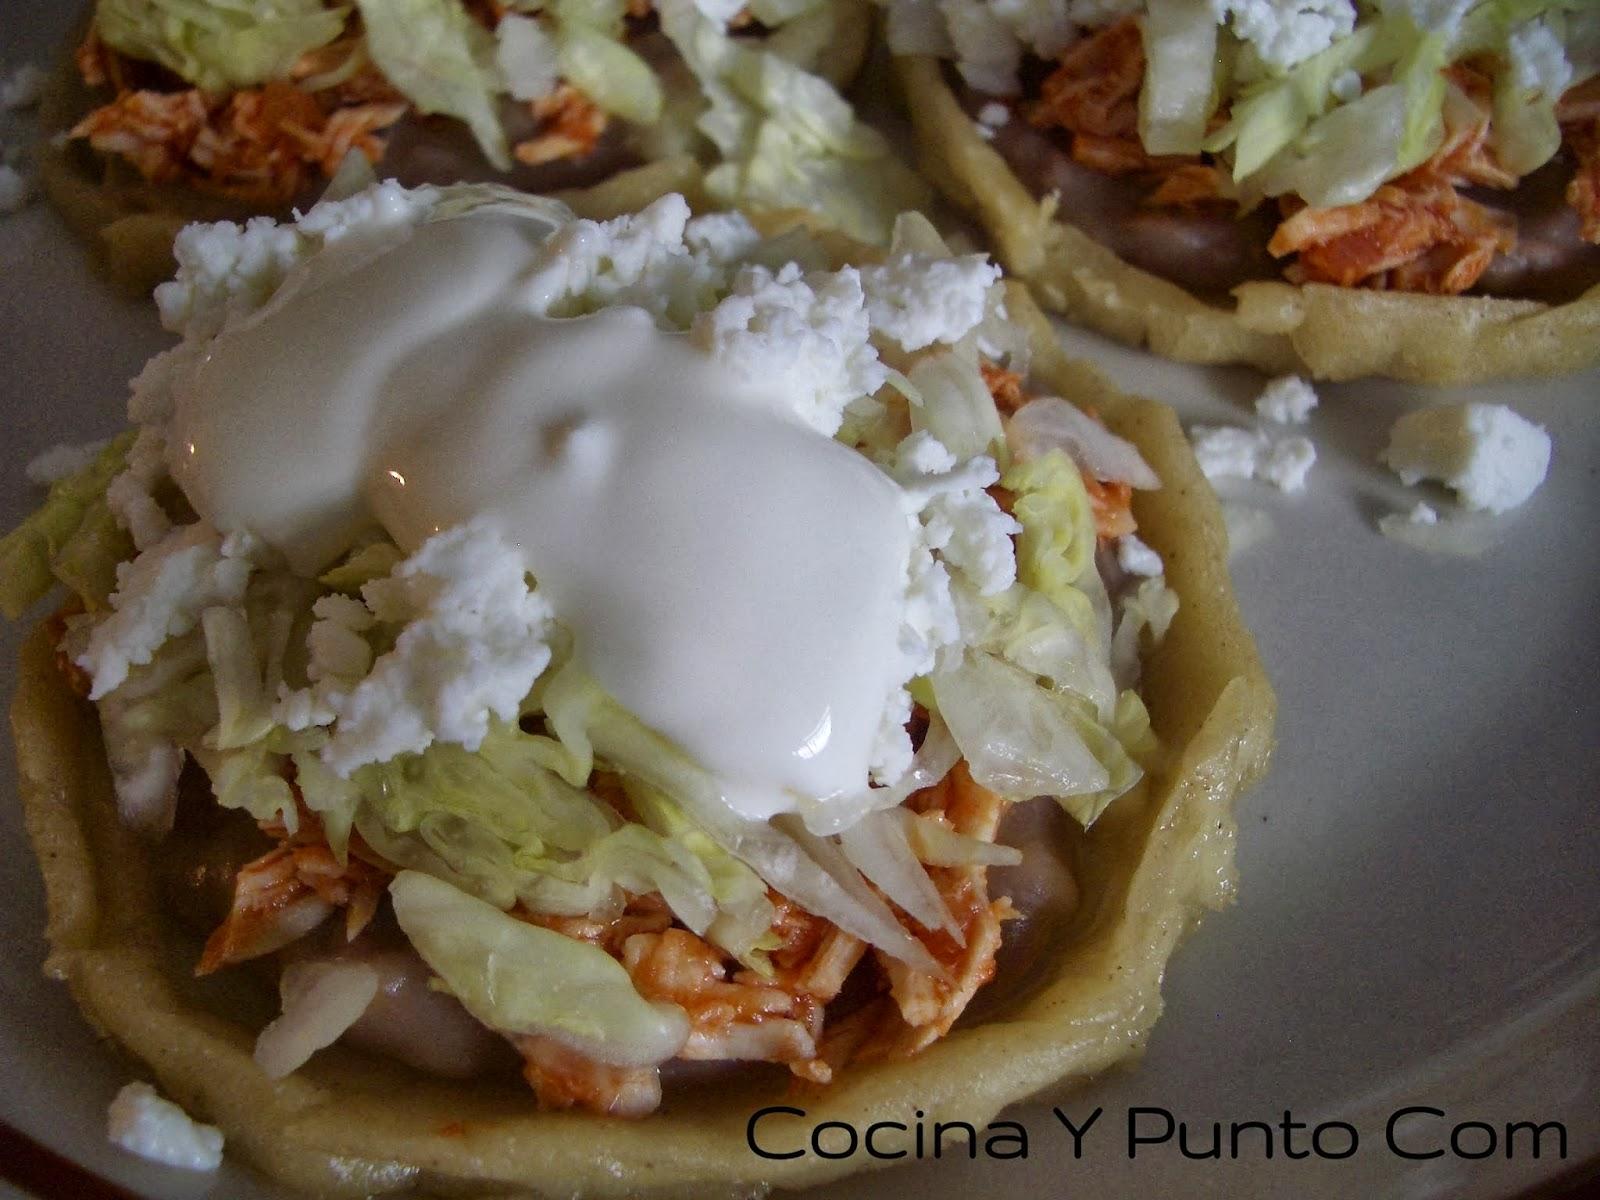 Cocina y punto com antojitos mexicanos for Cocinas puntocom